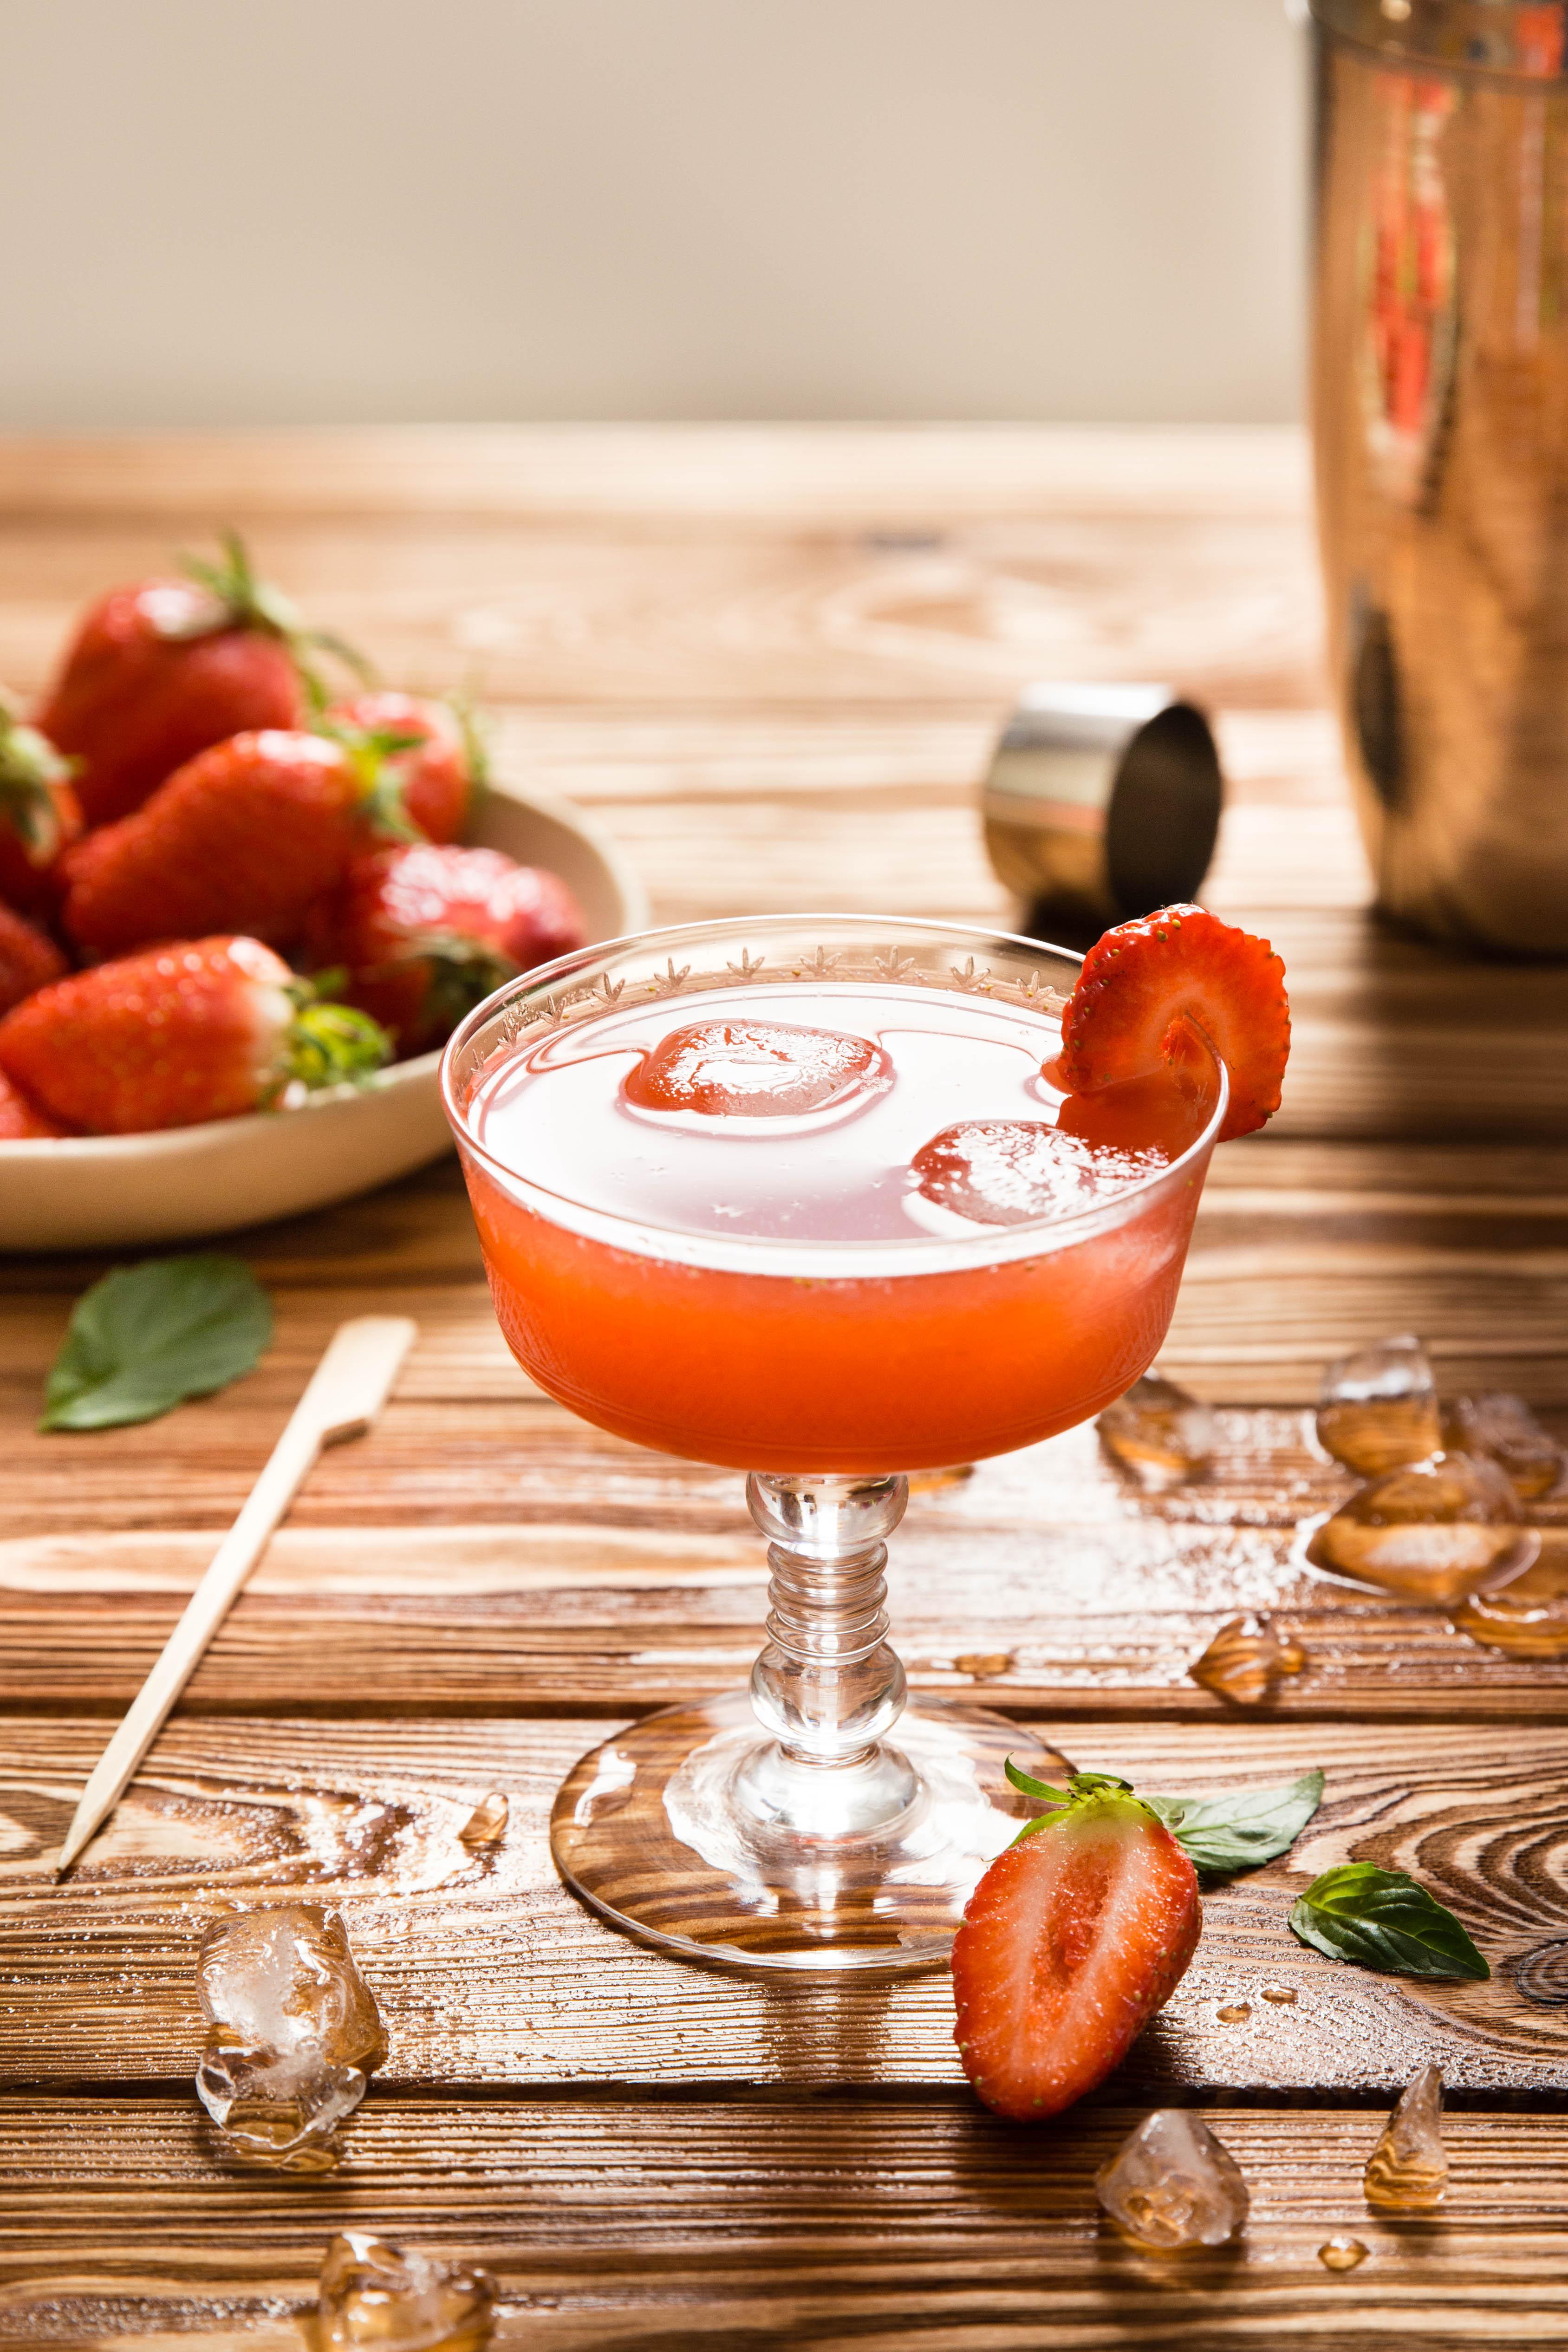 Cocktail au cidre rosé, pamplemousse fraise et sirop d'érable - photography